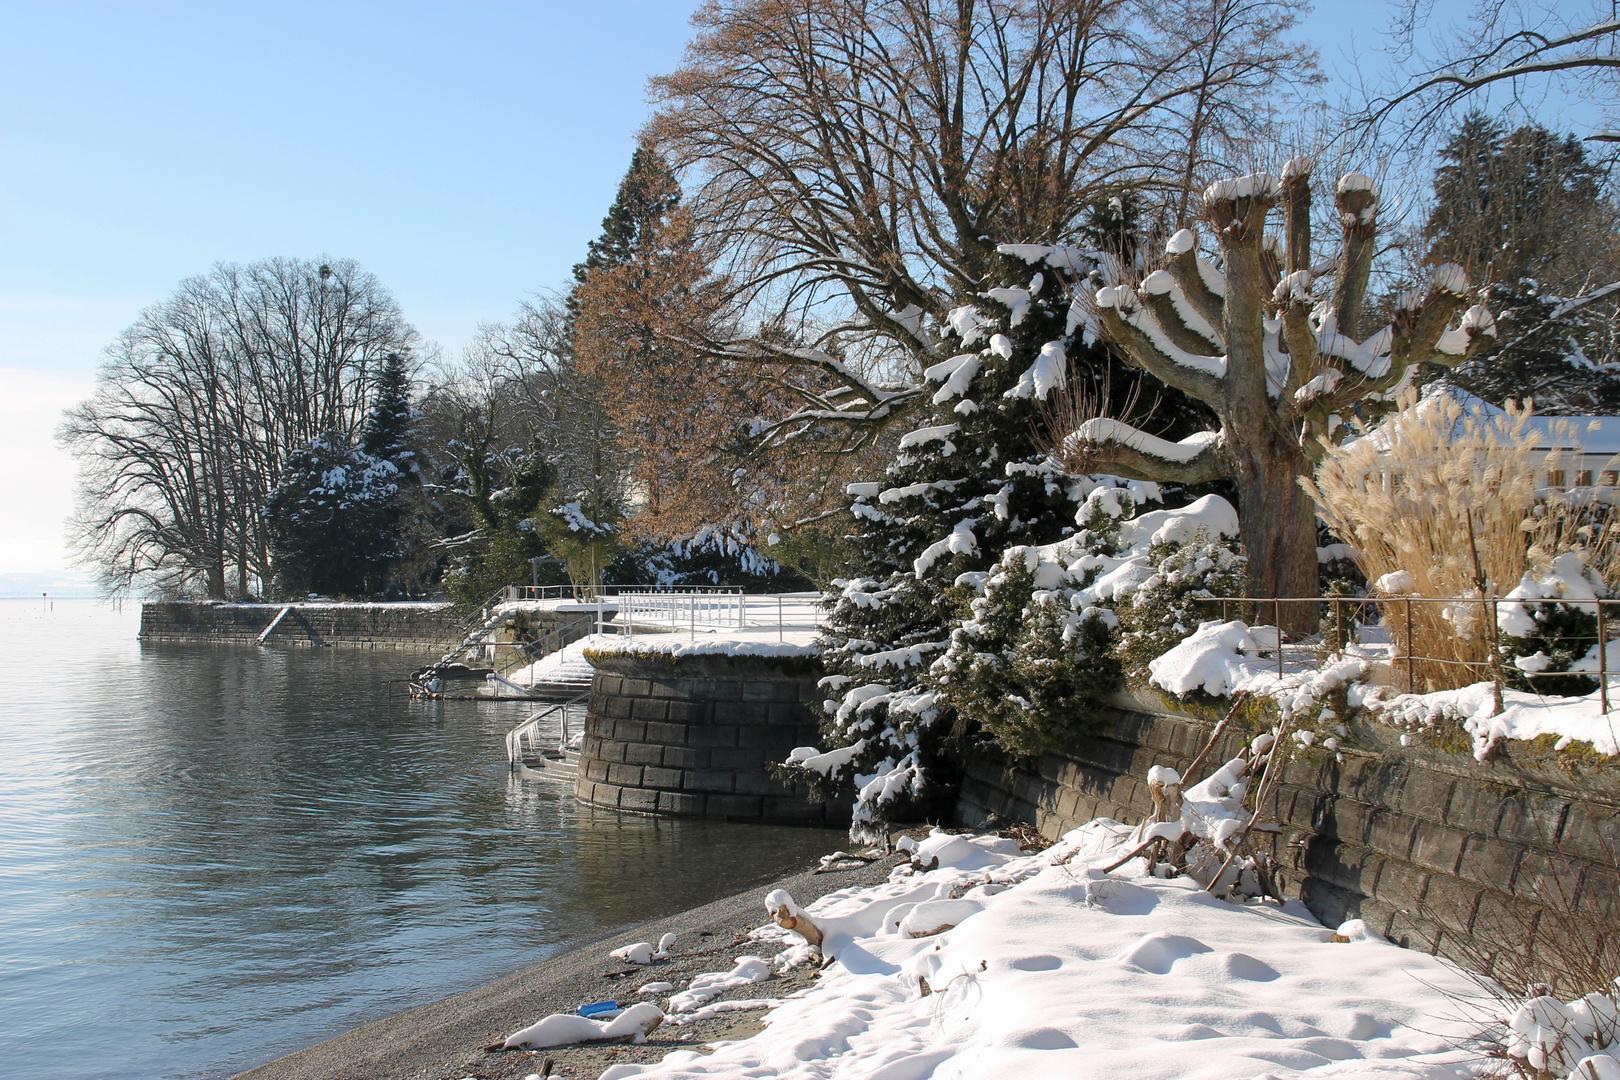 winterliches Bodenseeufer bei Bad Schachen